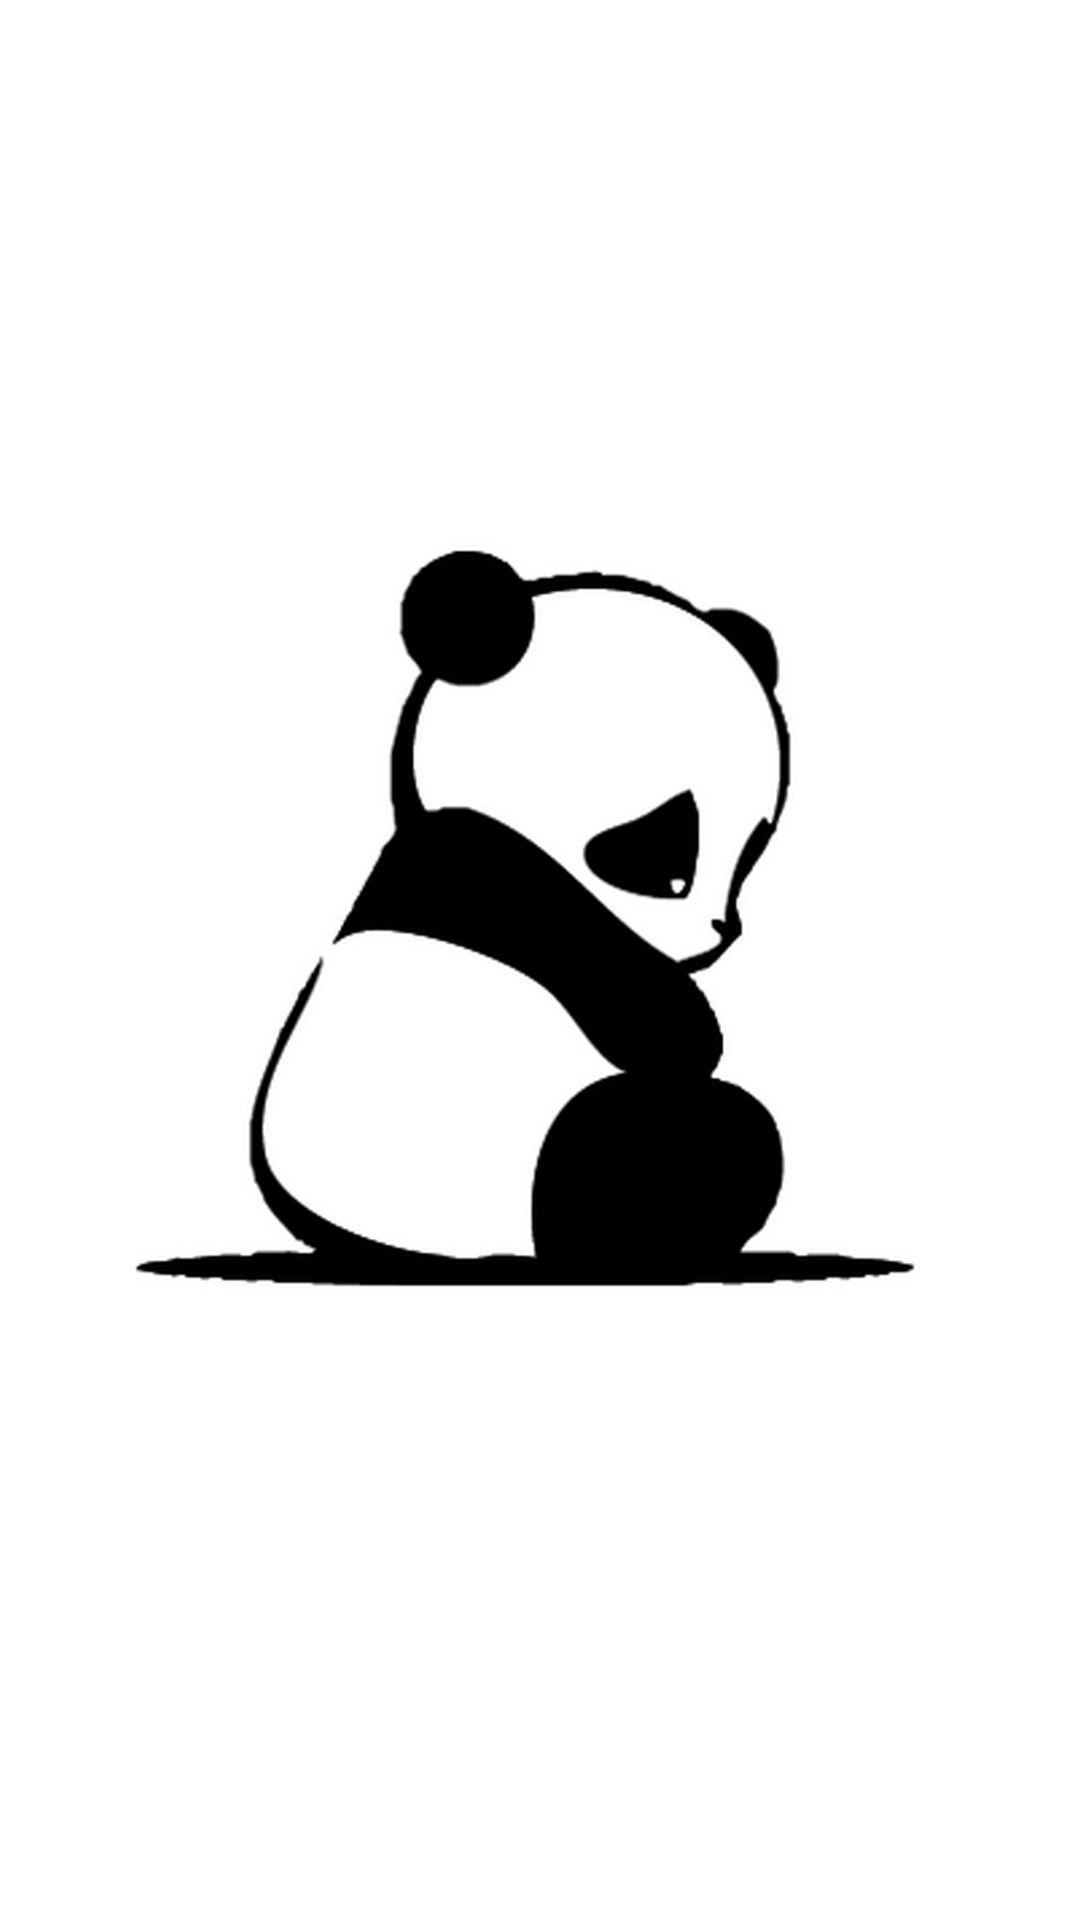 Cute Baby Panda Wallpaper For Mobile